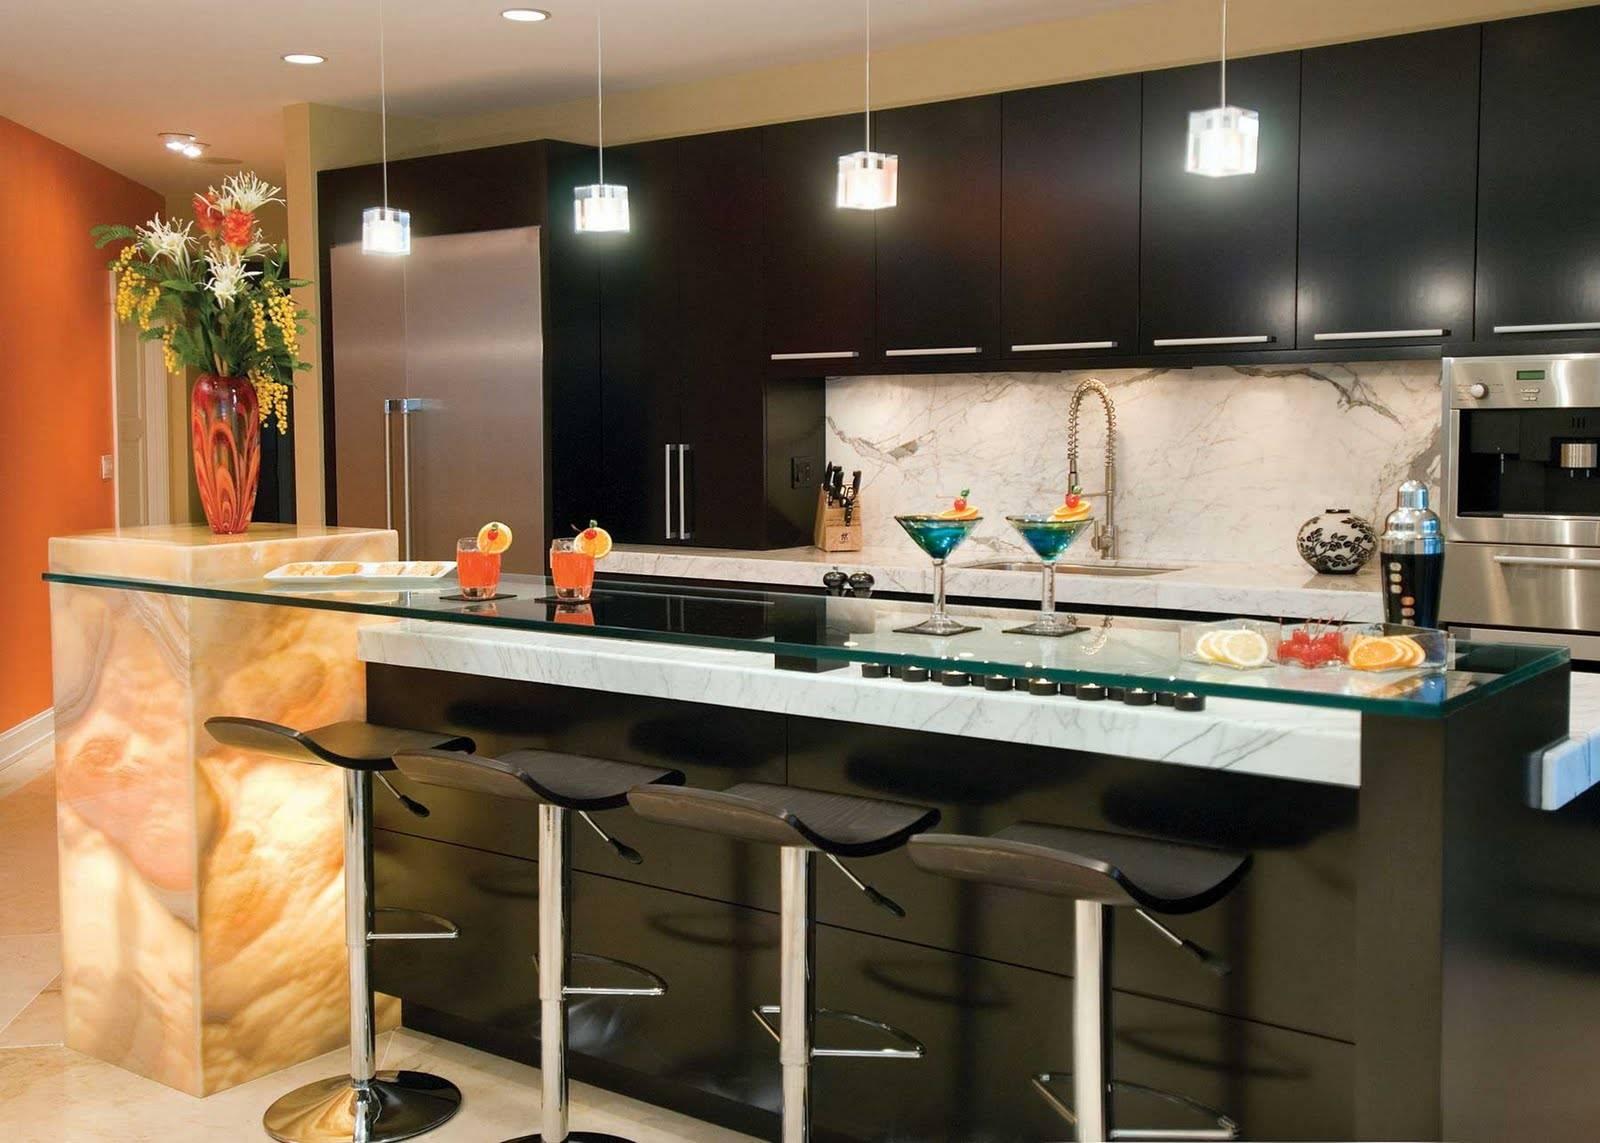 Барные стойки для кухни: фото, оформление, дизайн, выбор мебели